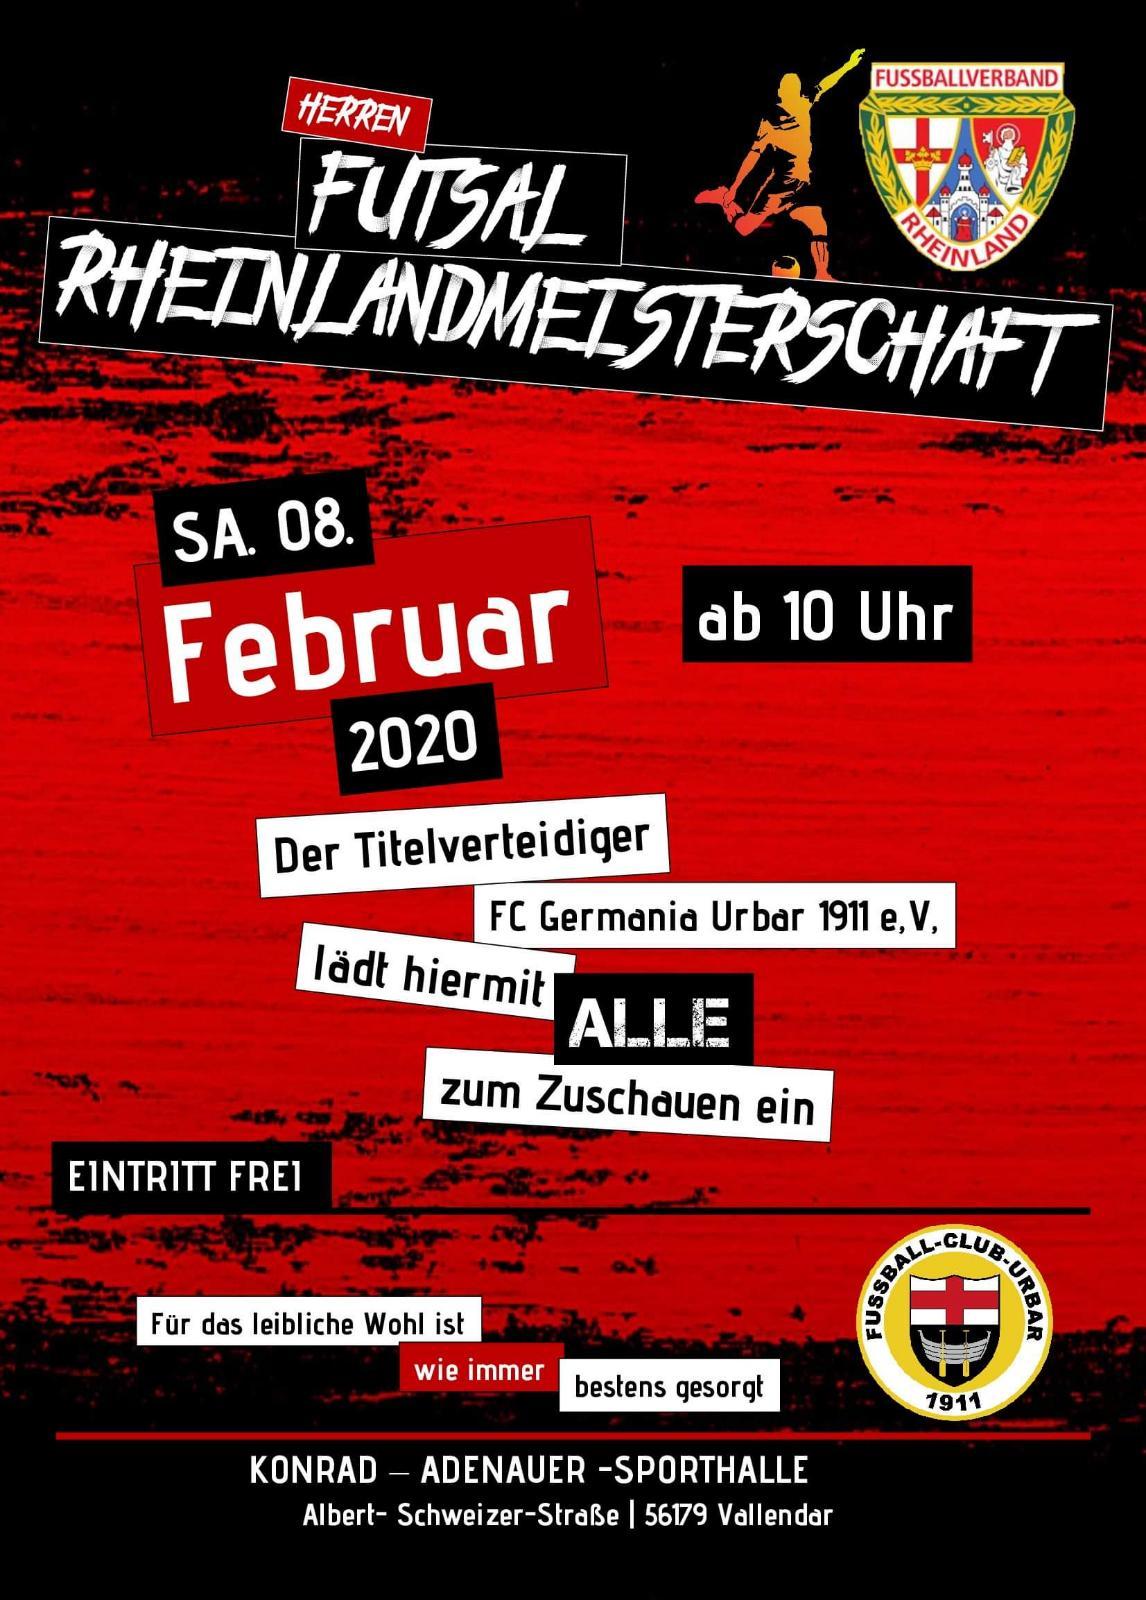 Futsal-Rheinlandmeisterschaft 2020 in Vallendar